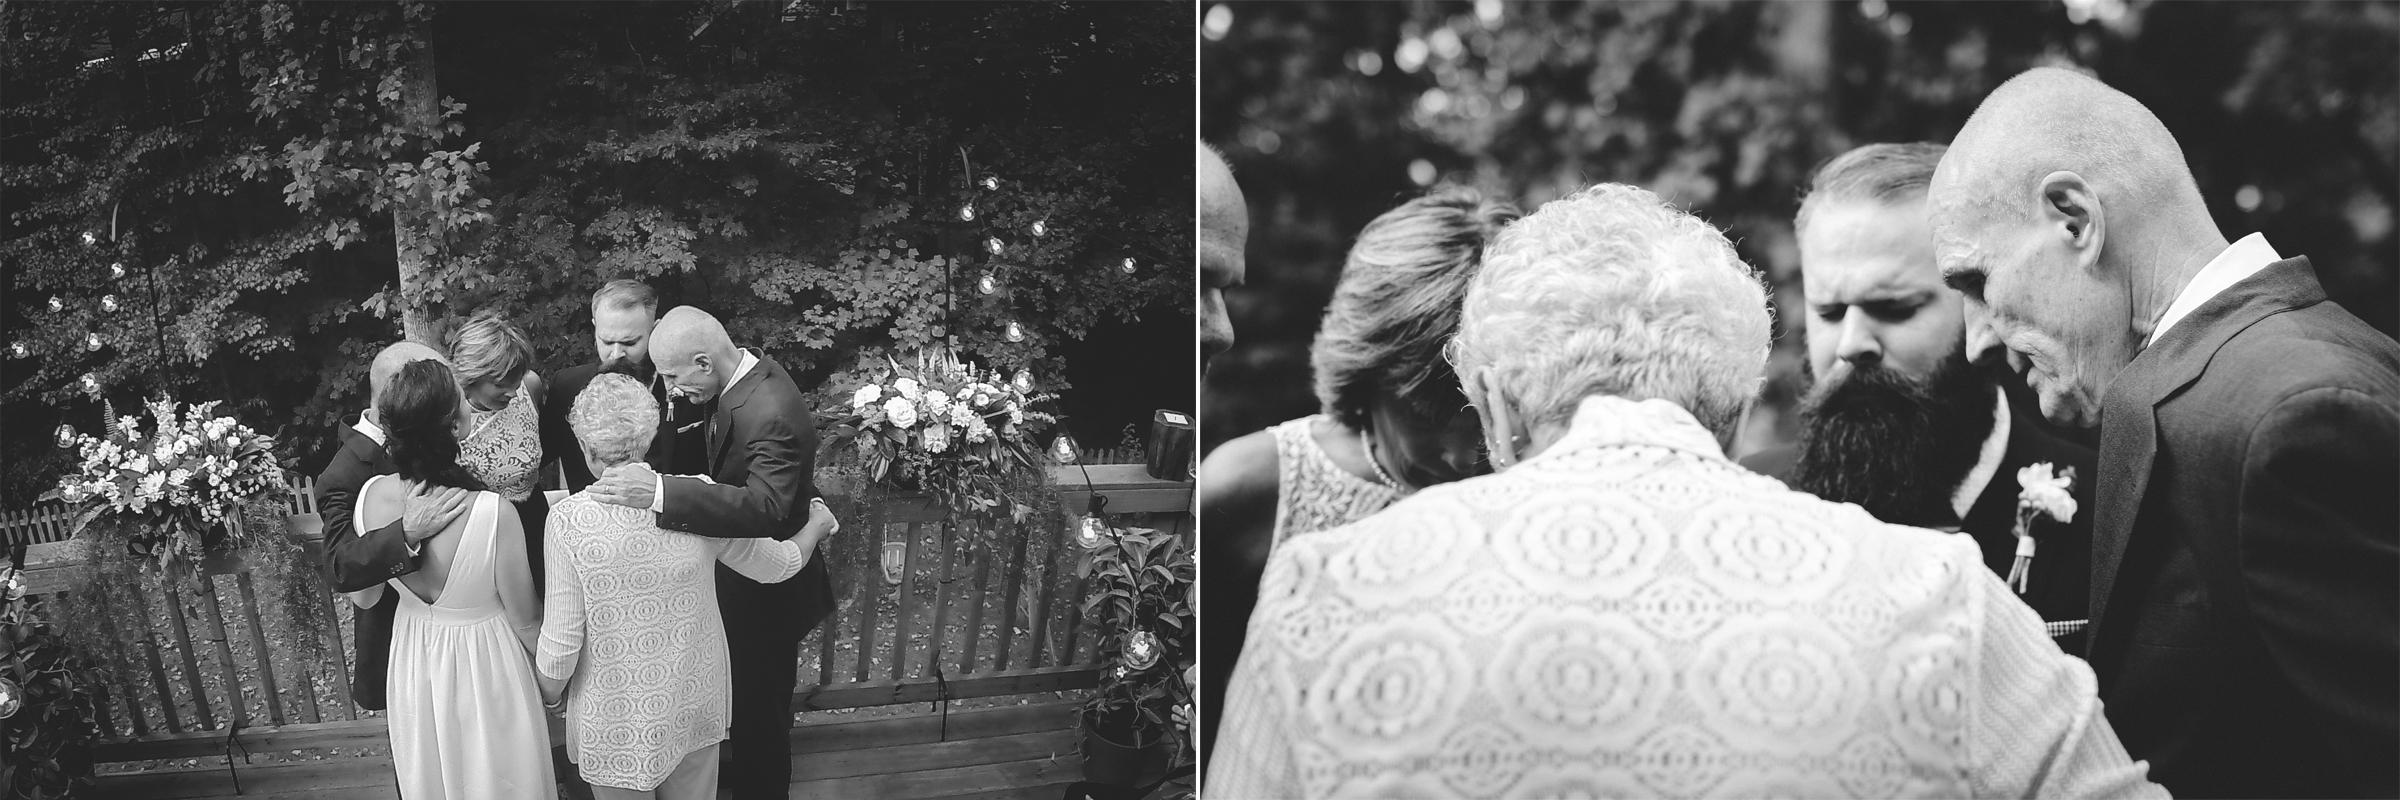 Abi + Dave DC Wedding14.jpg